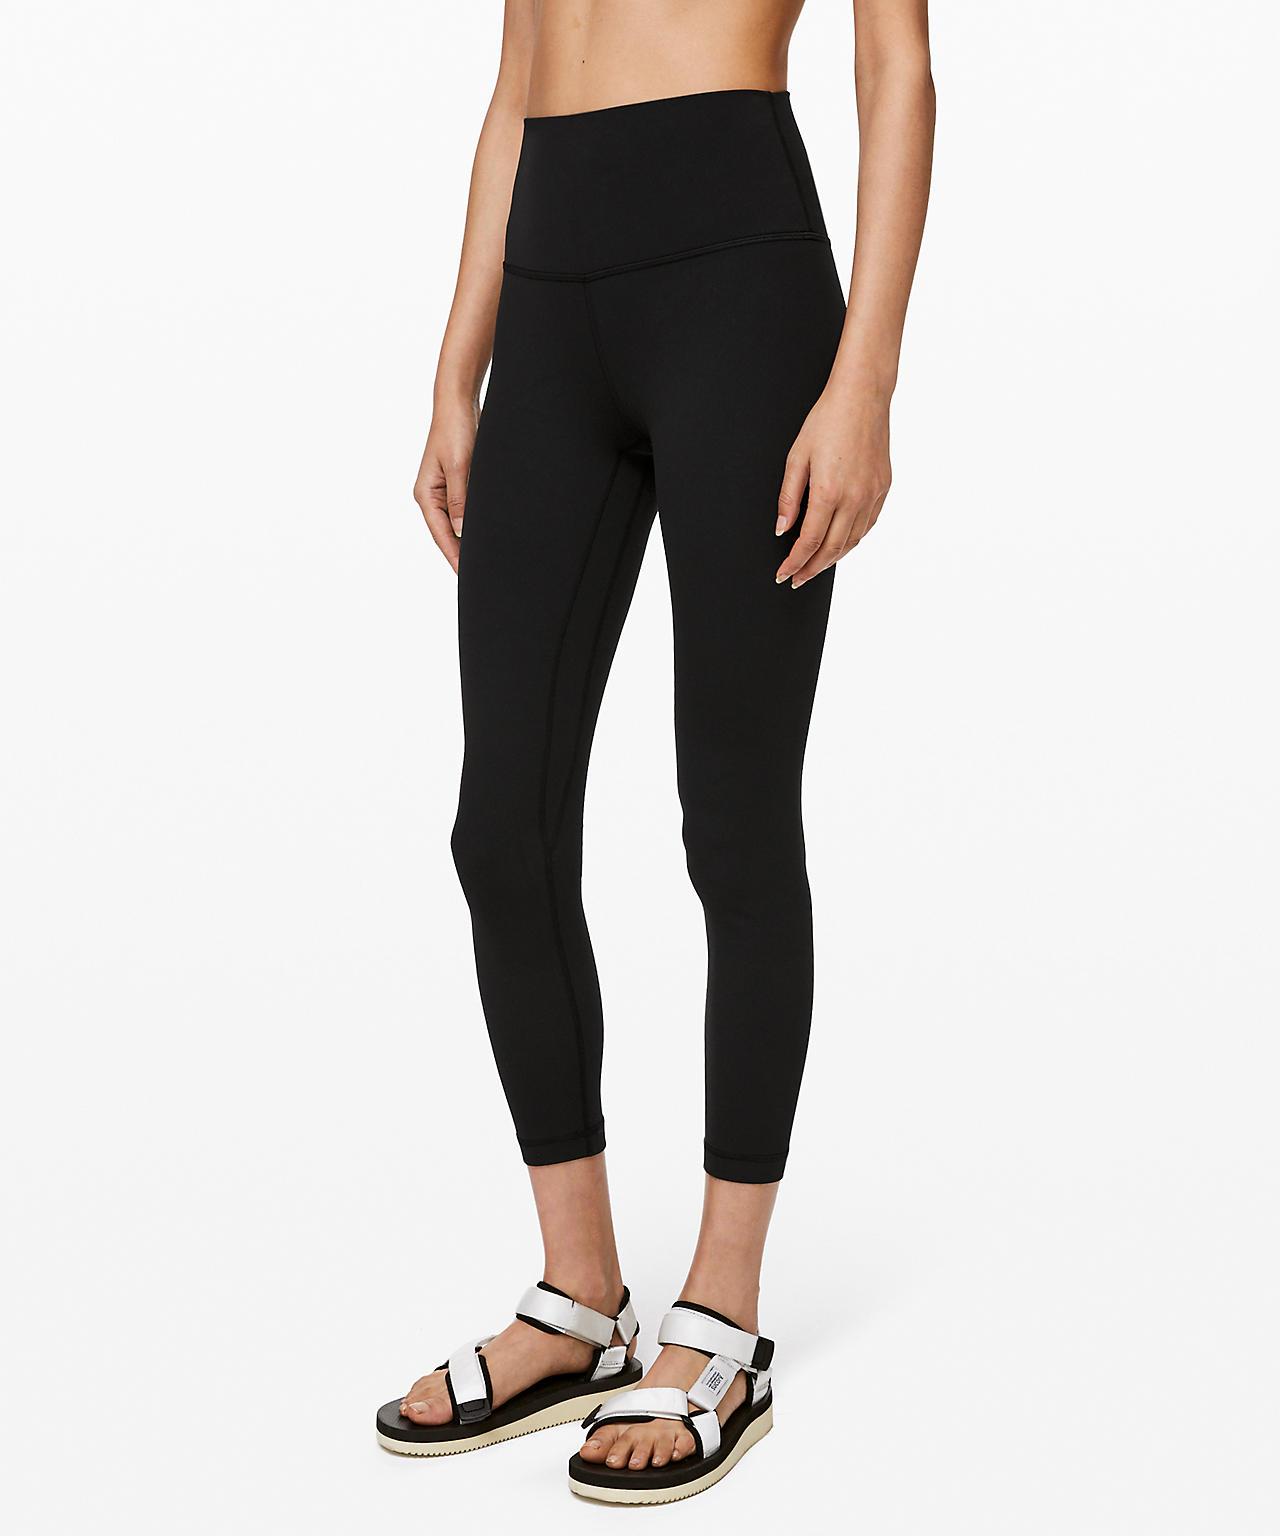 lululemon align splendid yoga basic black legging review